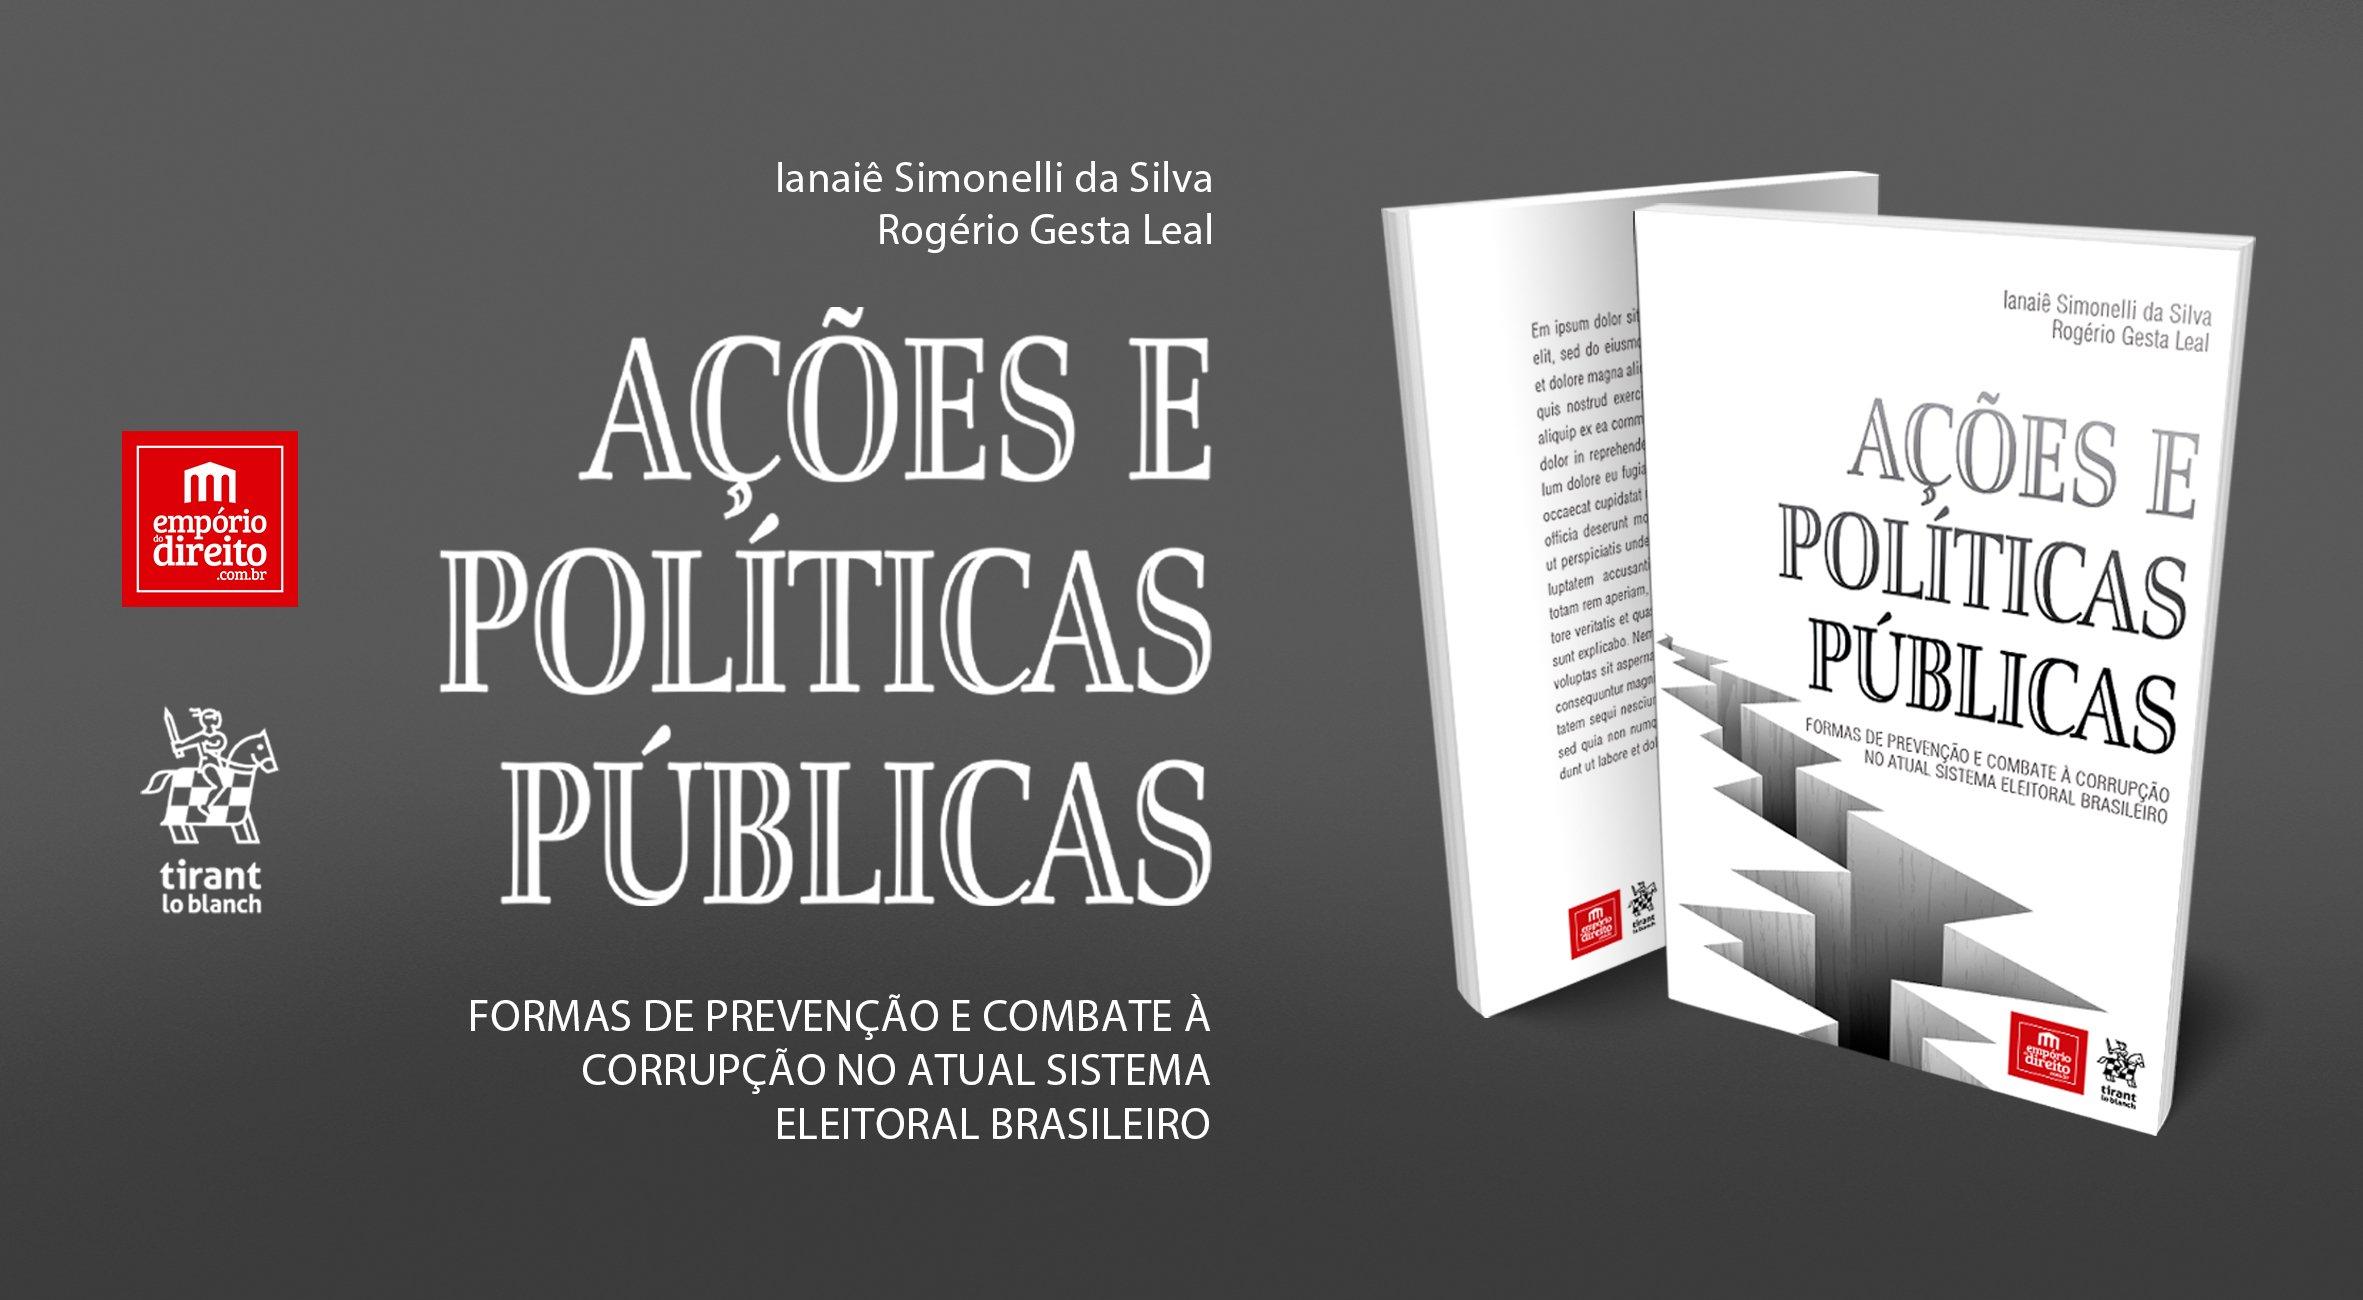 Lançamento - Ações e Políticas Públicas: Formas de Prevenção e Combate à Corrupção no Atual Sistema Eleitoral Brasileiro, dos autores Ianaiê Simonelli da Silva e Rogério Gesta Leal